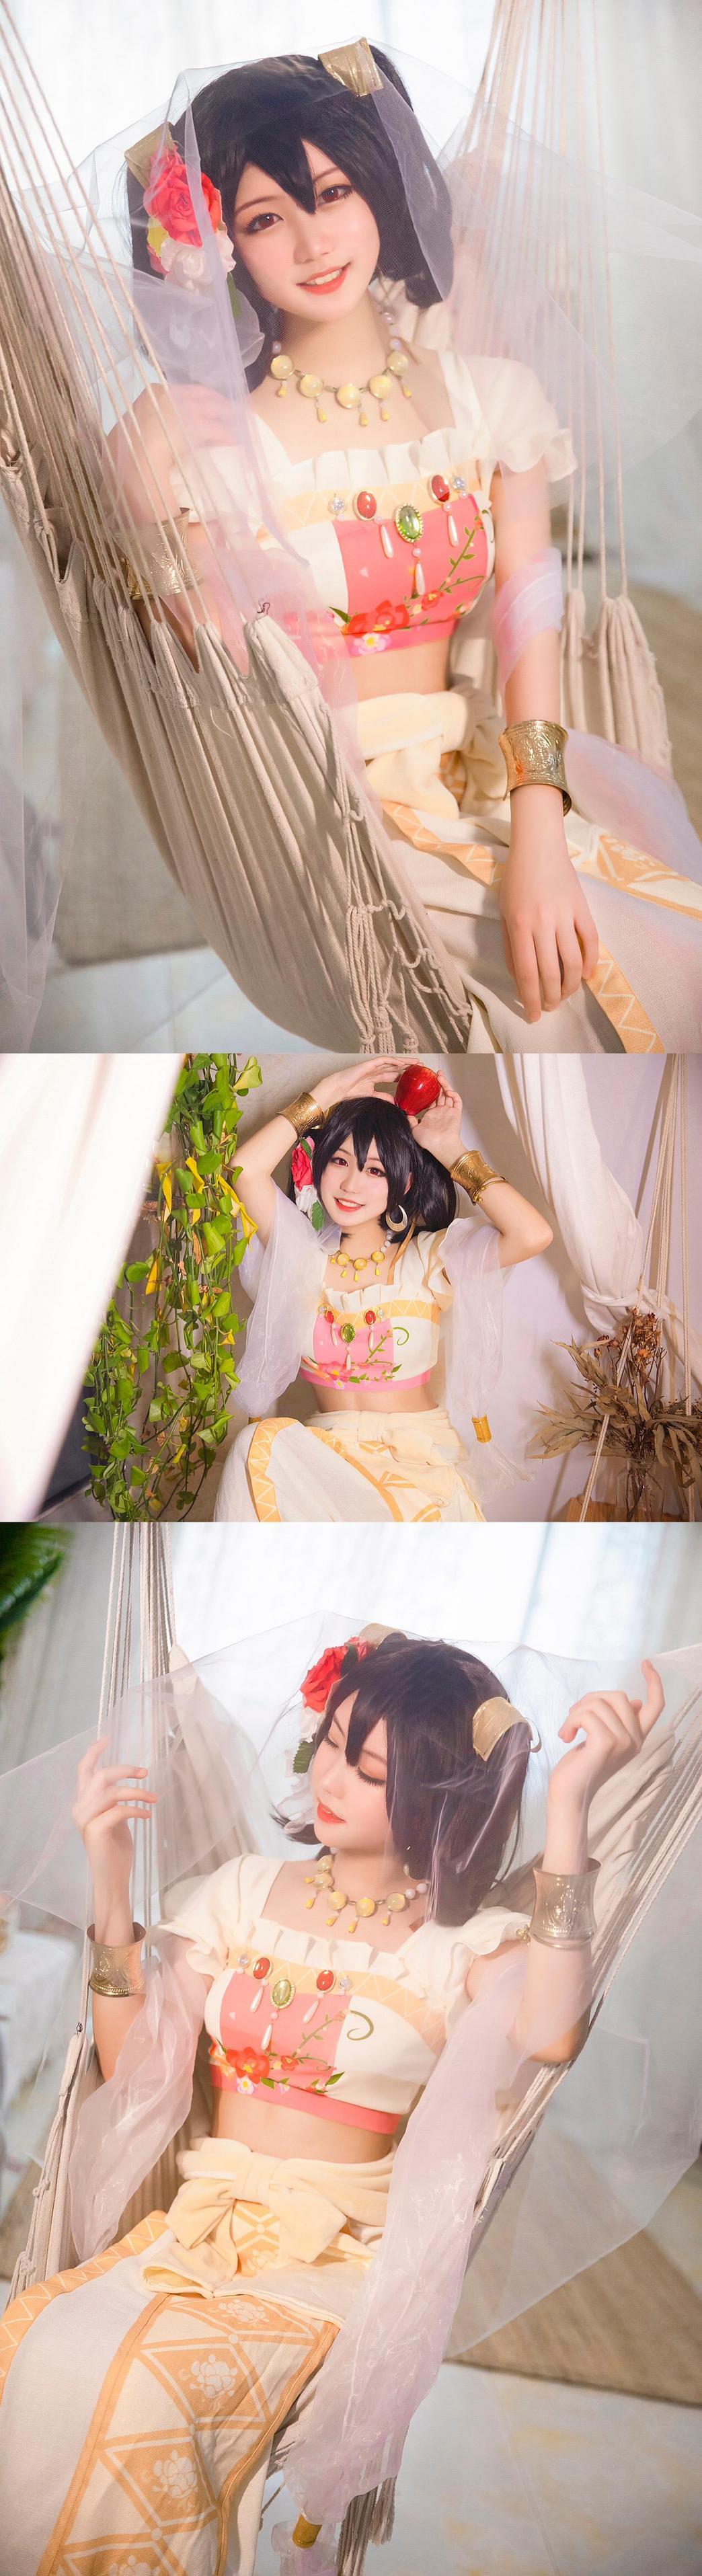 东条希cosplay【CN:不会飞的二飞丶】-第2张